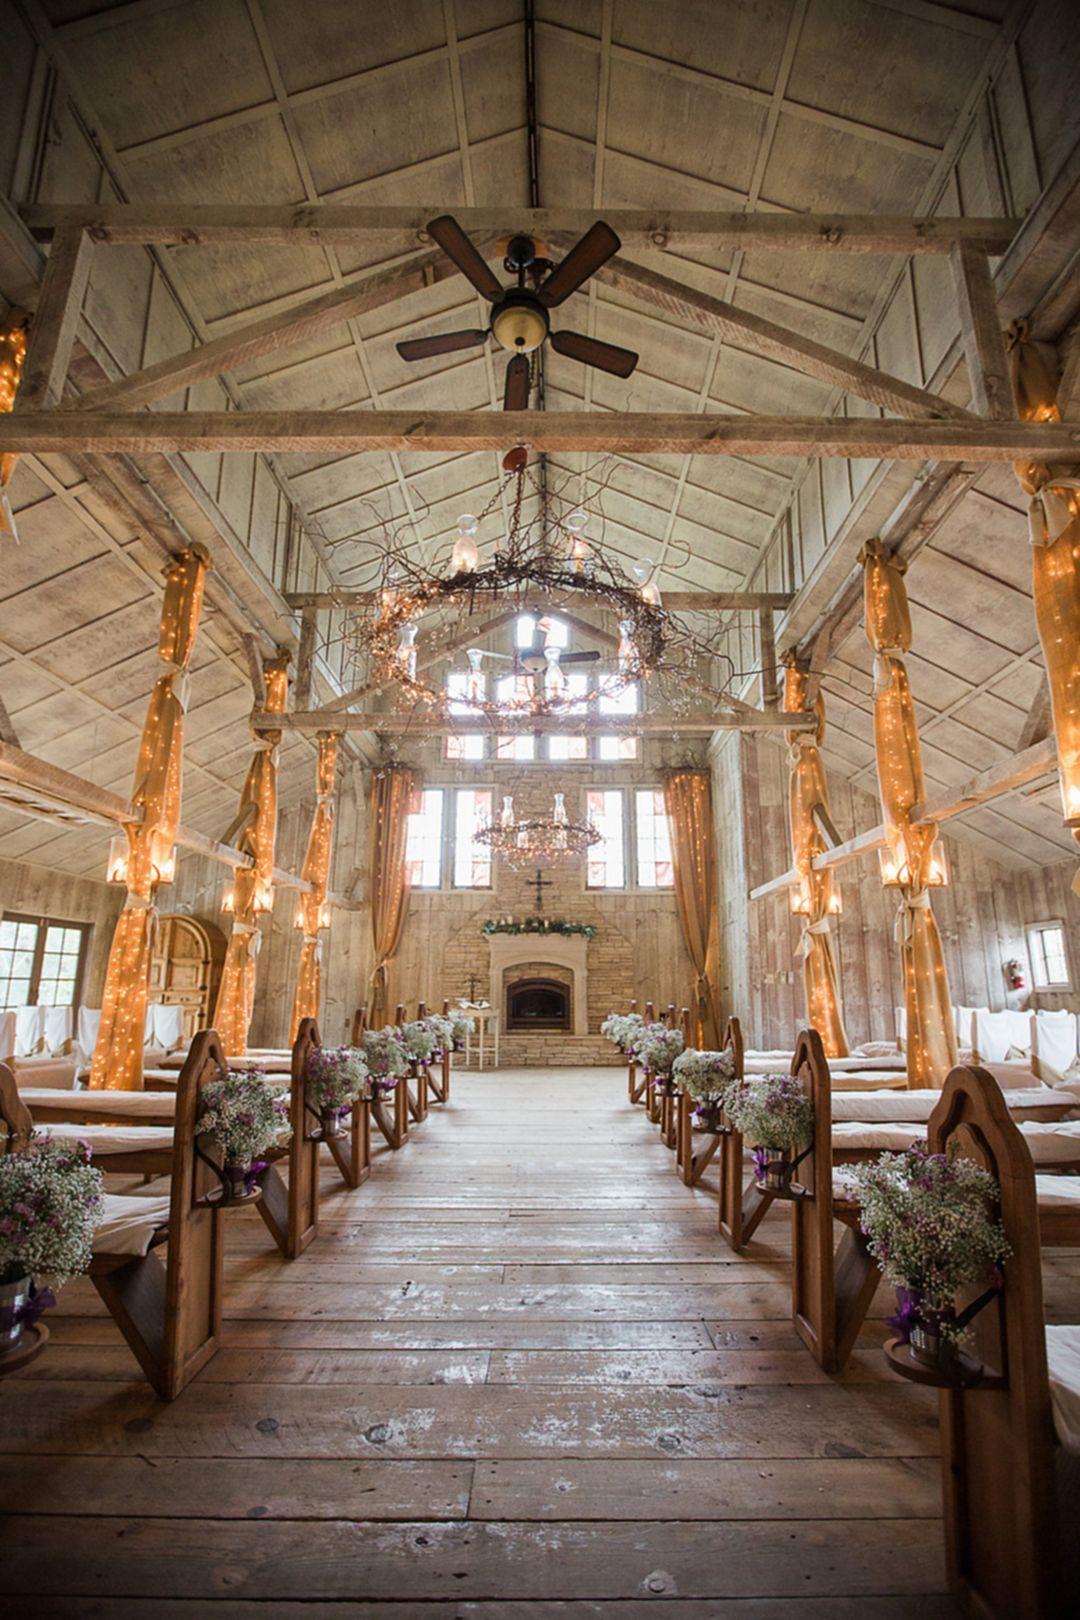 65 Awesome Wedding Venue Ideas For Fantastic Wedding